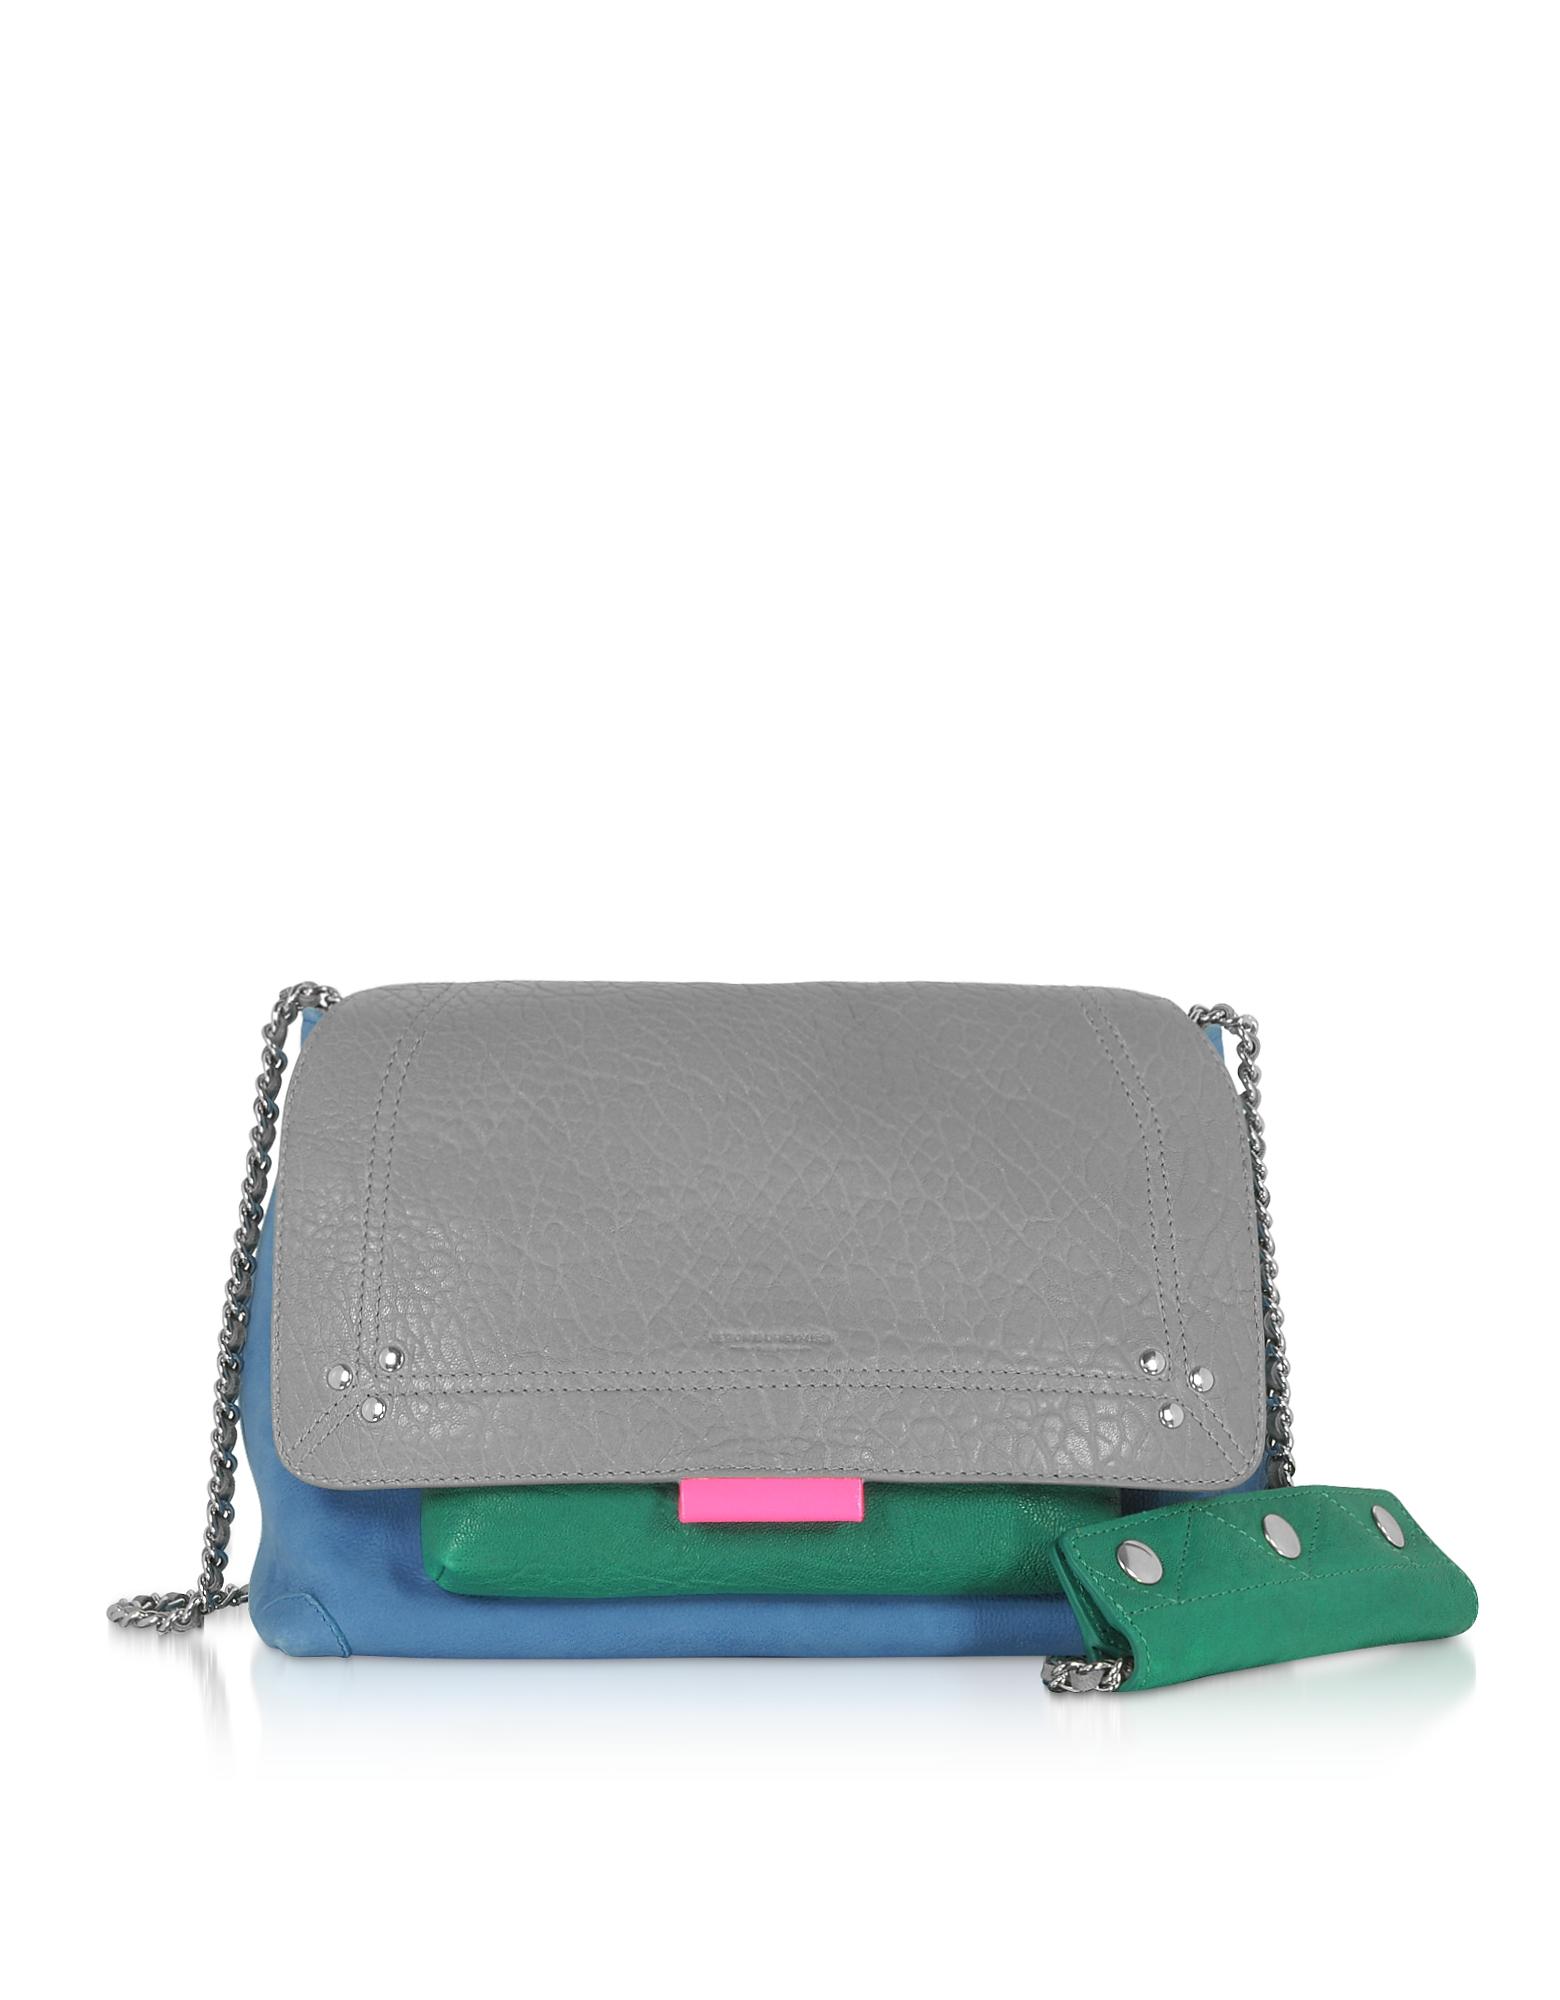 Lulu M Leather Shoulder Bag